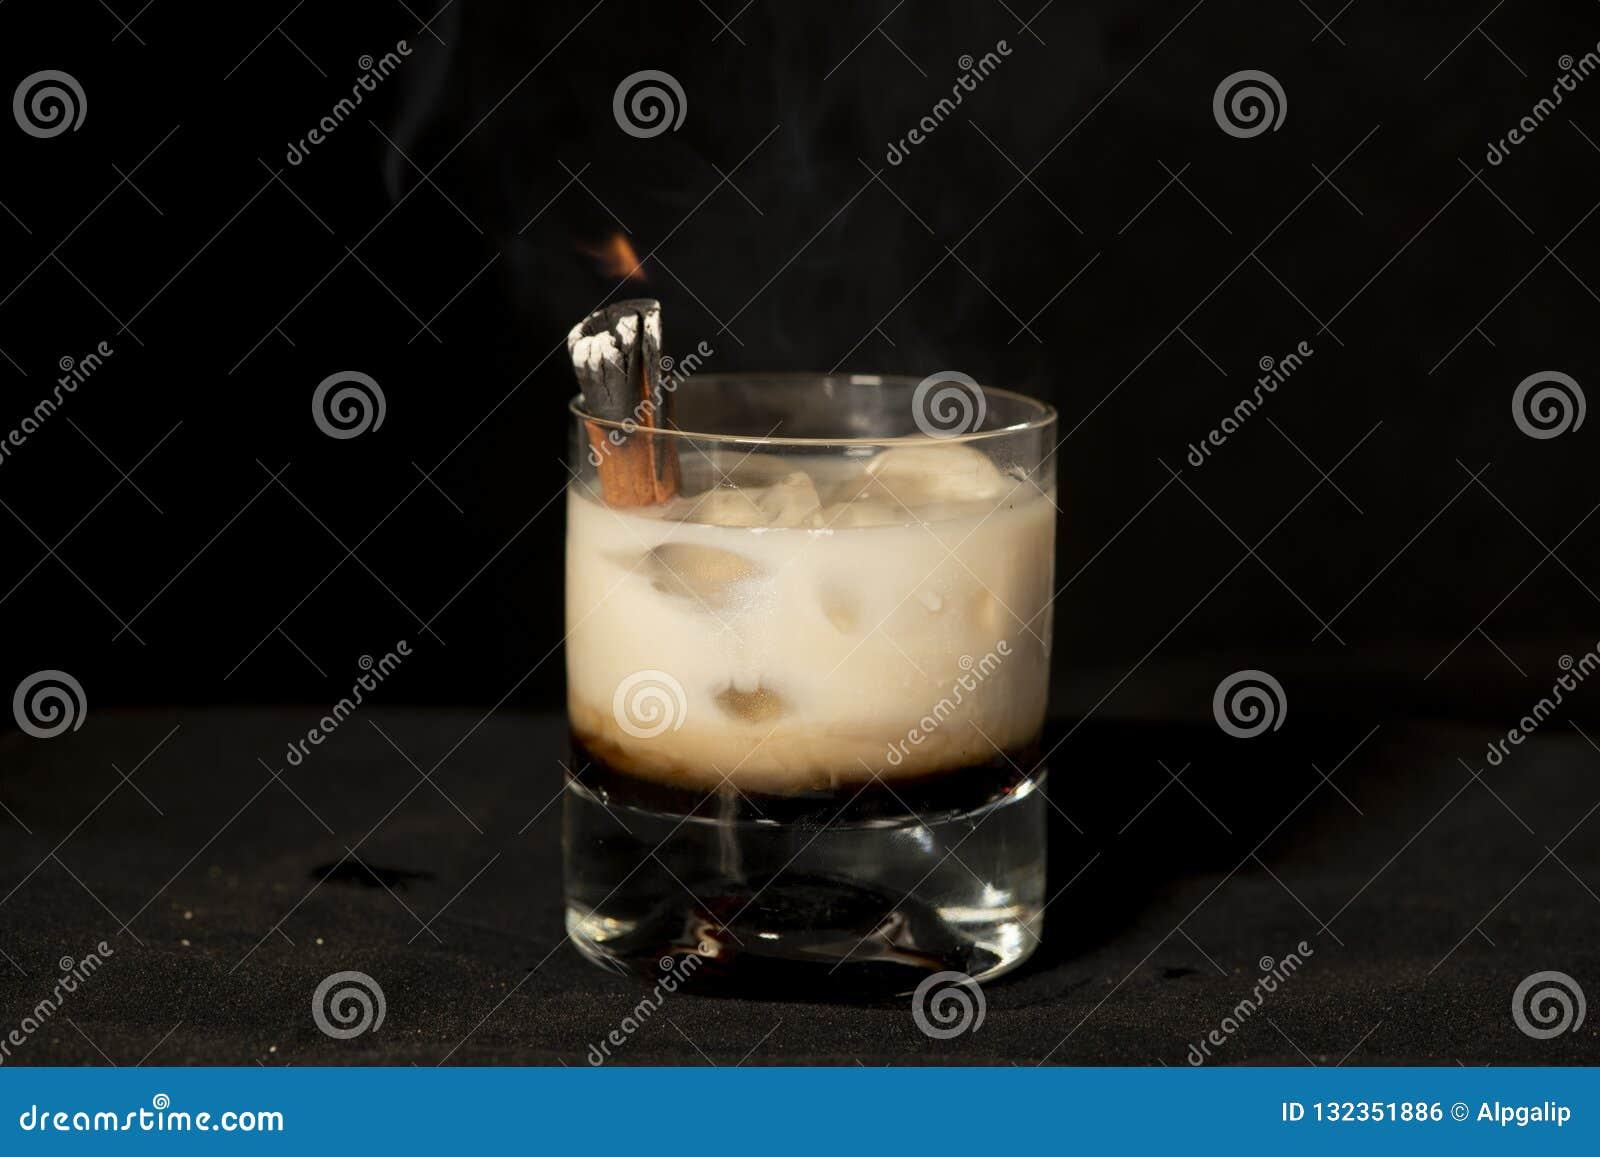 Płomienny Cynamonowy koktajl z kahlua, baileys irlandzką śmietanką i sambuca,